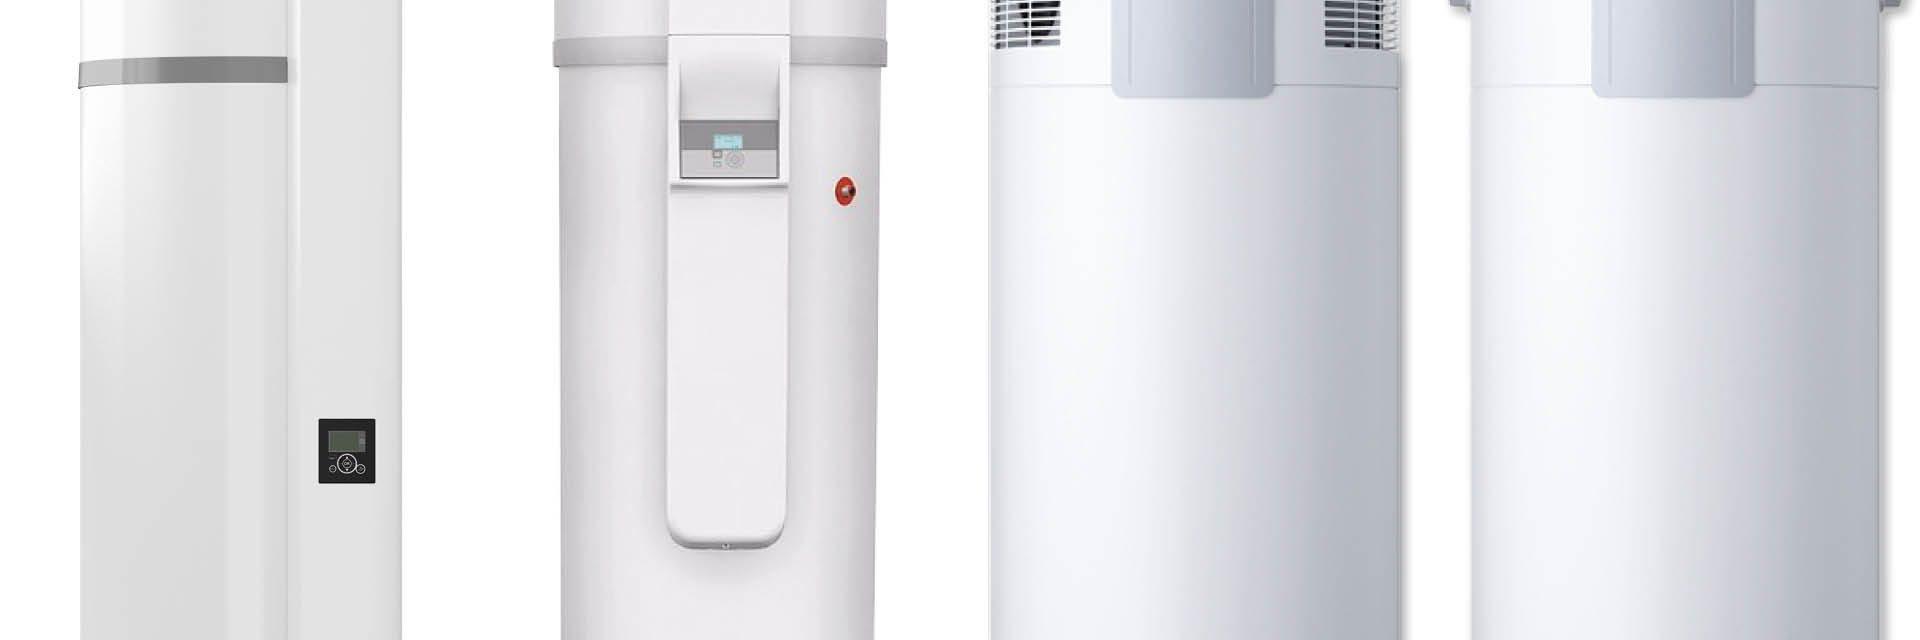 Warmtepompboilers van Panasonic en Stiebel Eltron, verdeeld door Frigro